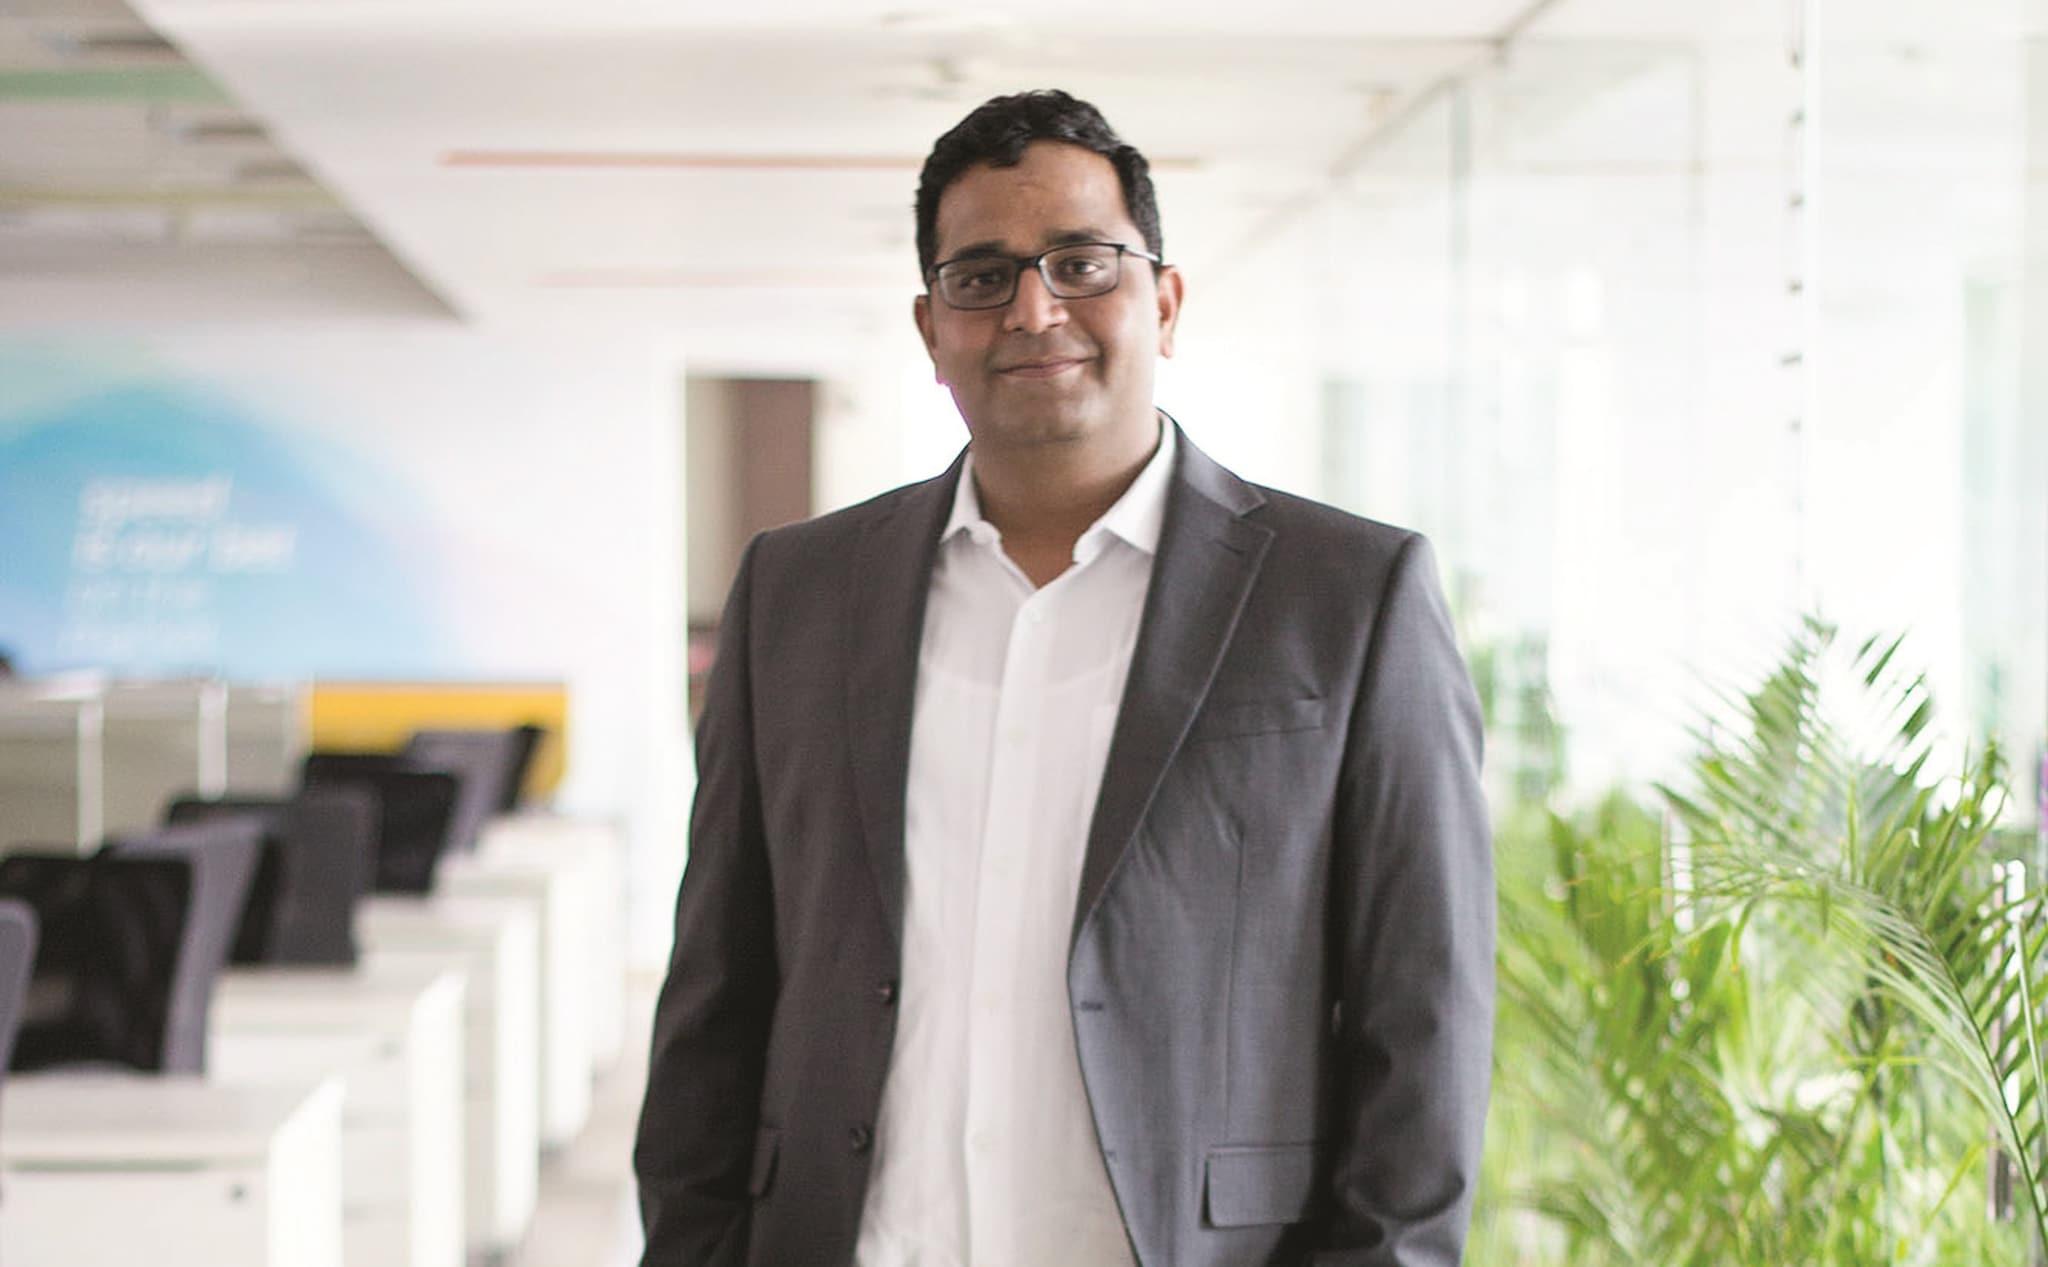 विजय शेखर शर्मा, संस्थापक, पेटीएम – शर्मा यांनी त्यांच्या कर्मचाऱ्यांना दोन महिन्याचा पगार देणार असल्याचे सांगितले आहे. कोरोना व्हायरसवर लस शोधणाऱ्या भारतीय रिसर्चर्सना 5 कोटी देण्याचेही कबूल केले आहे.